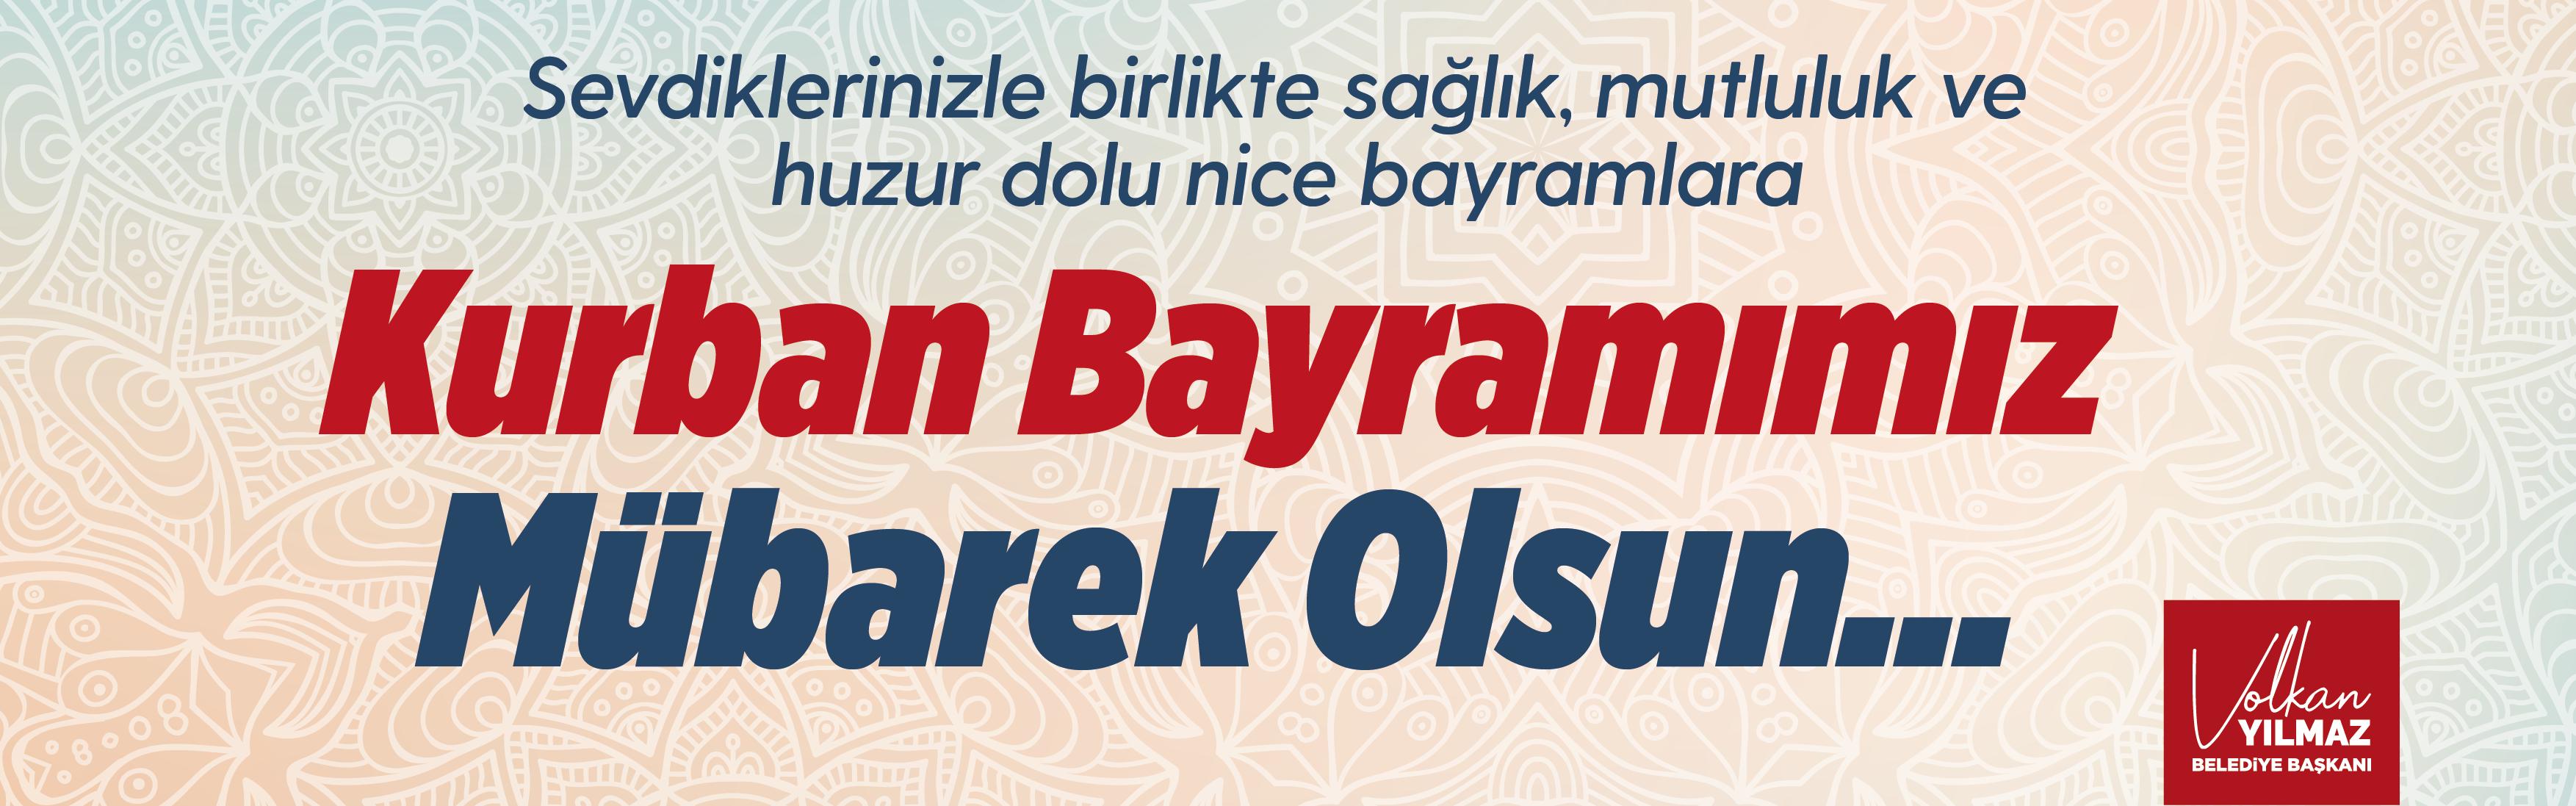 kurban bayramı banner